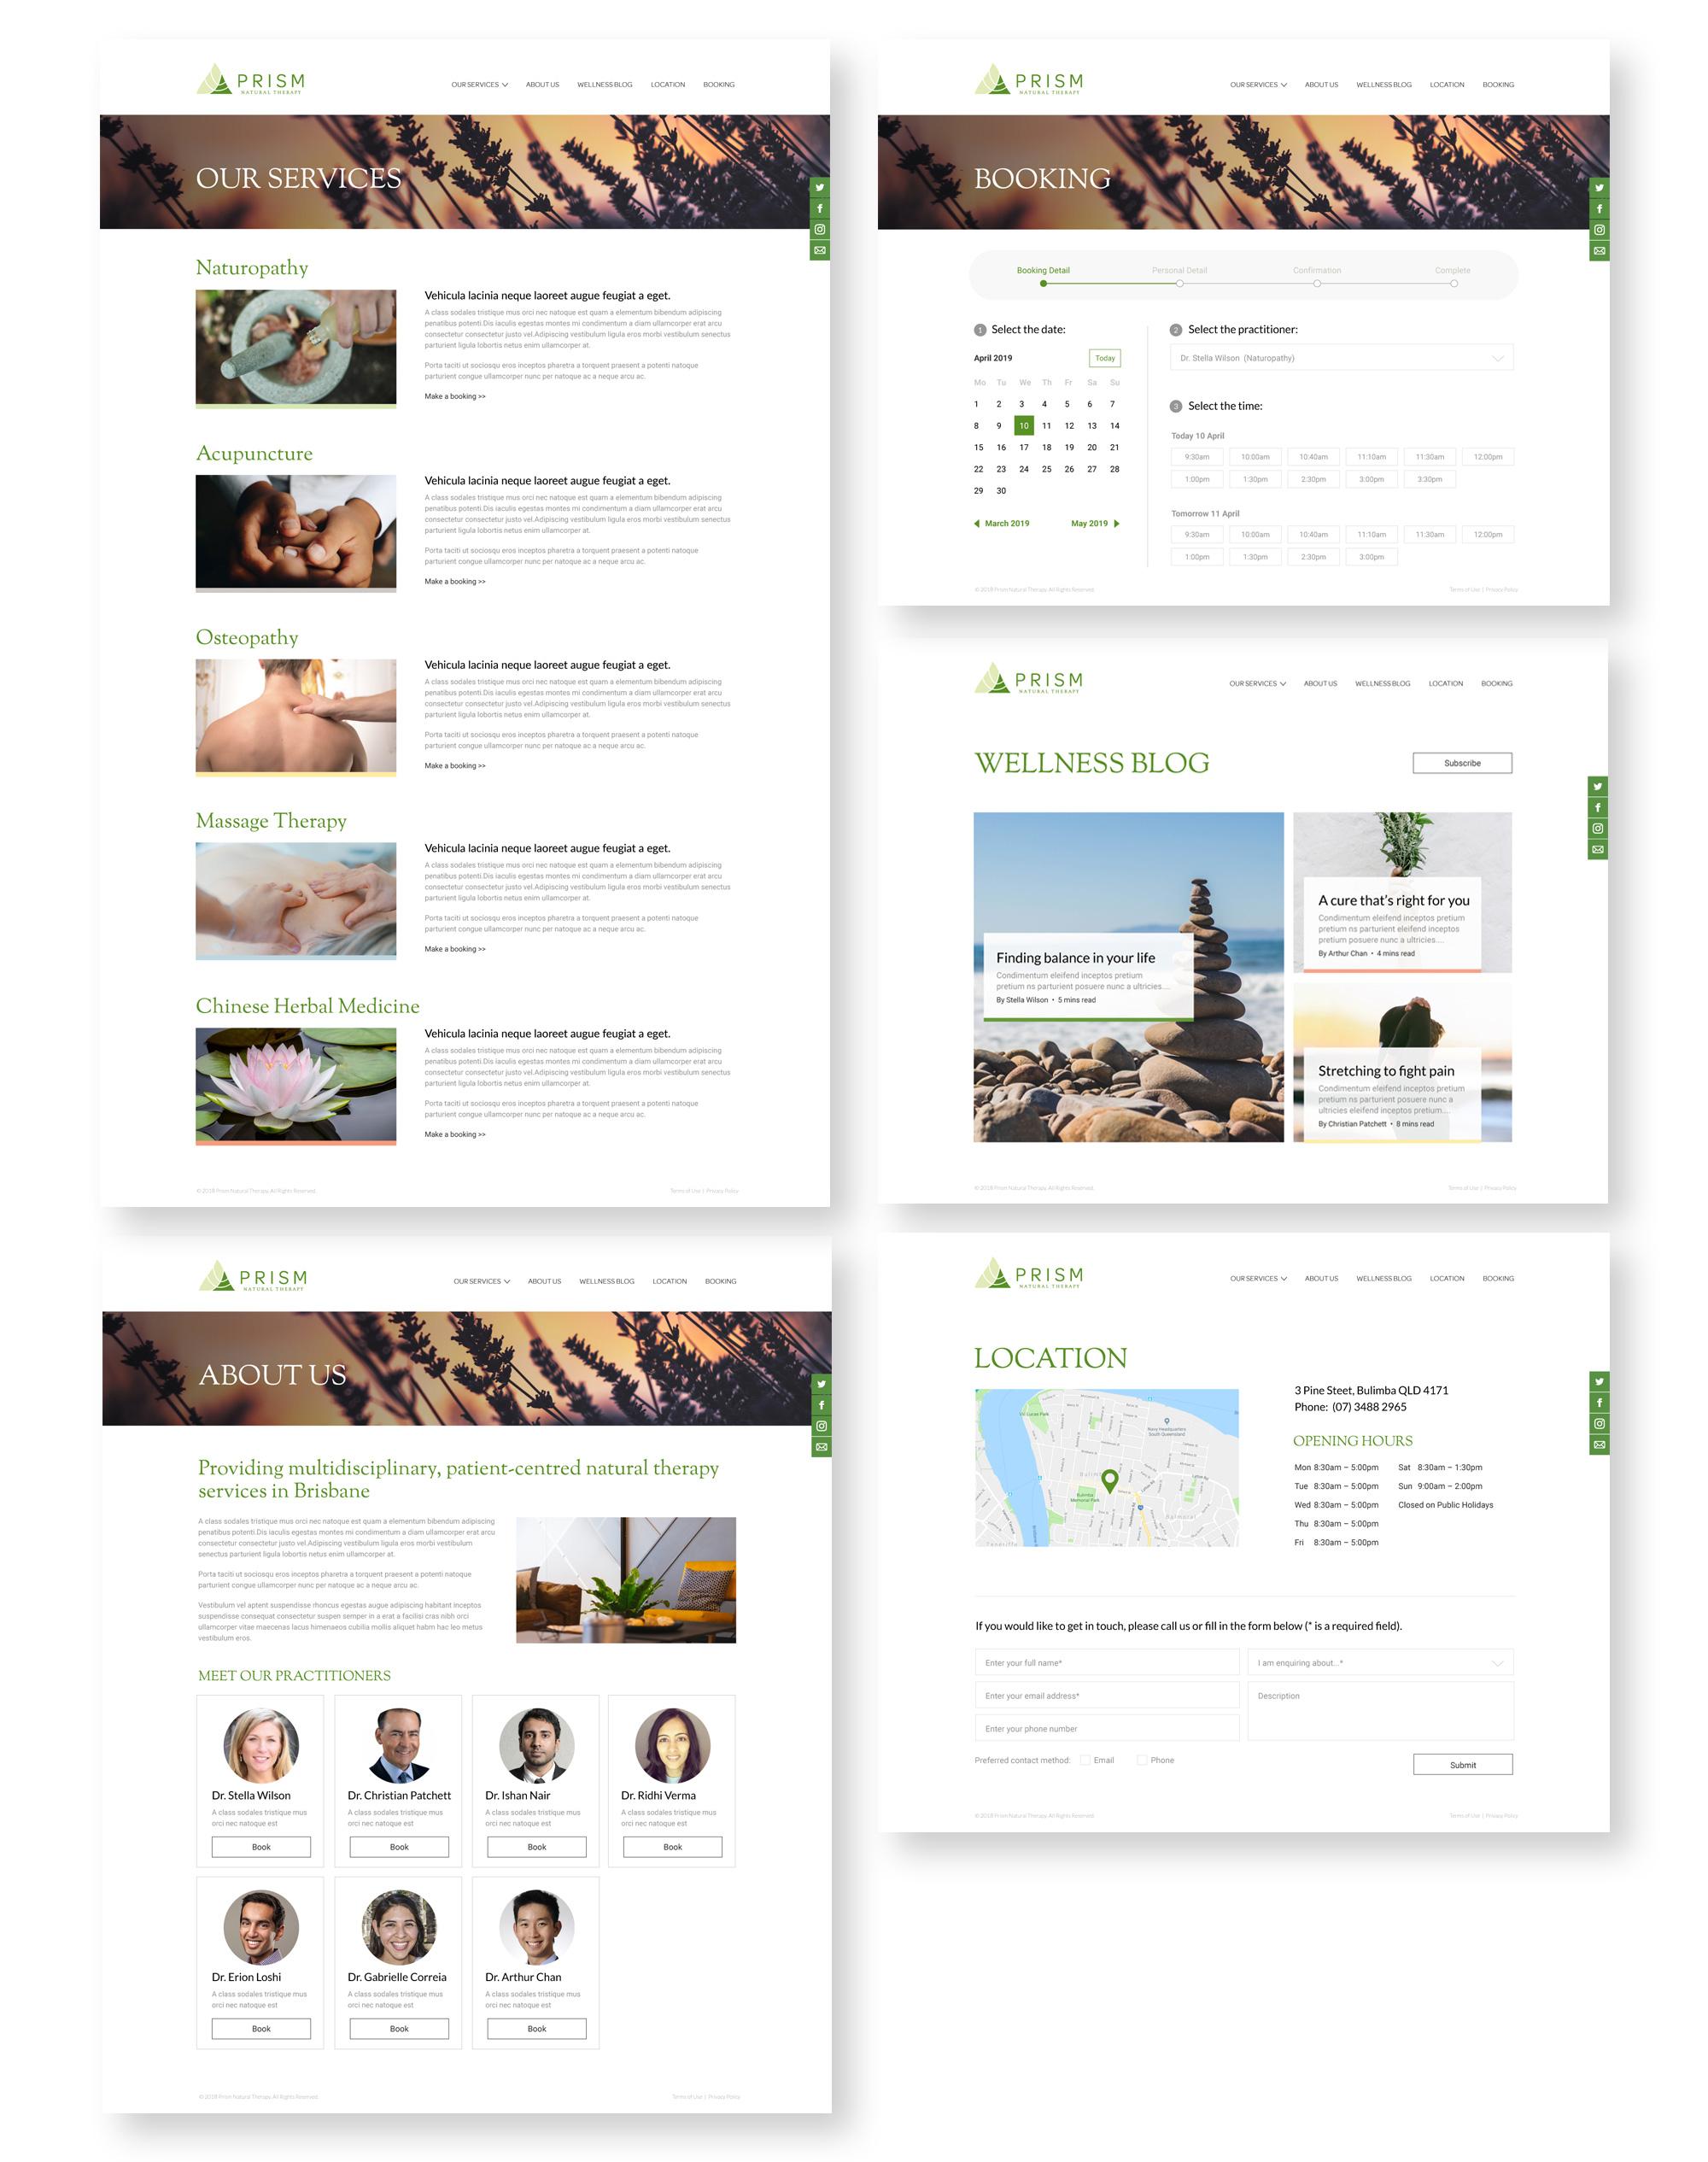 Prism Website Design Internal Pages